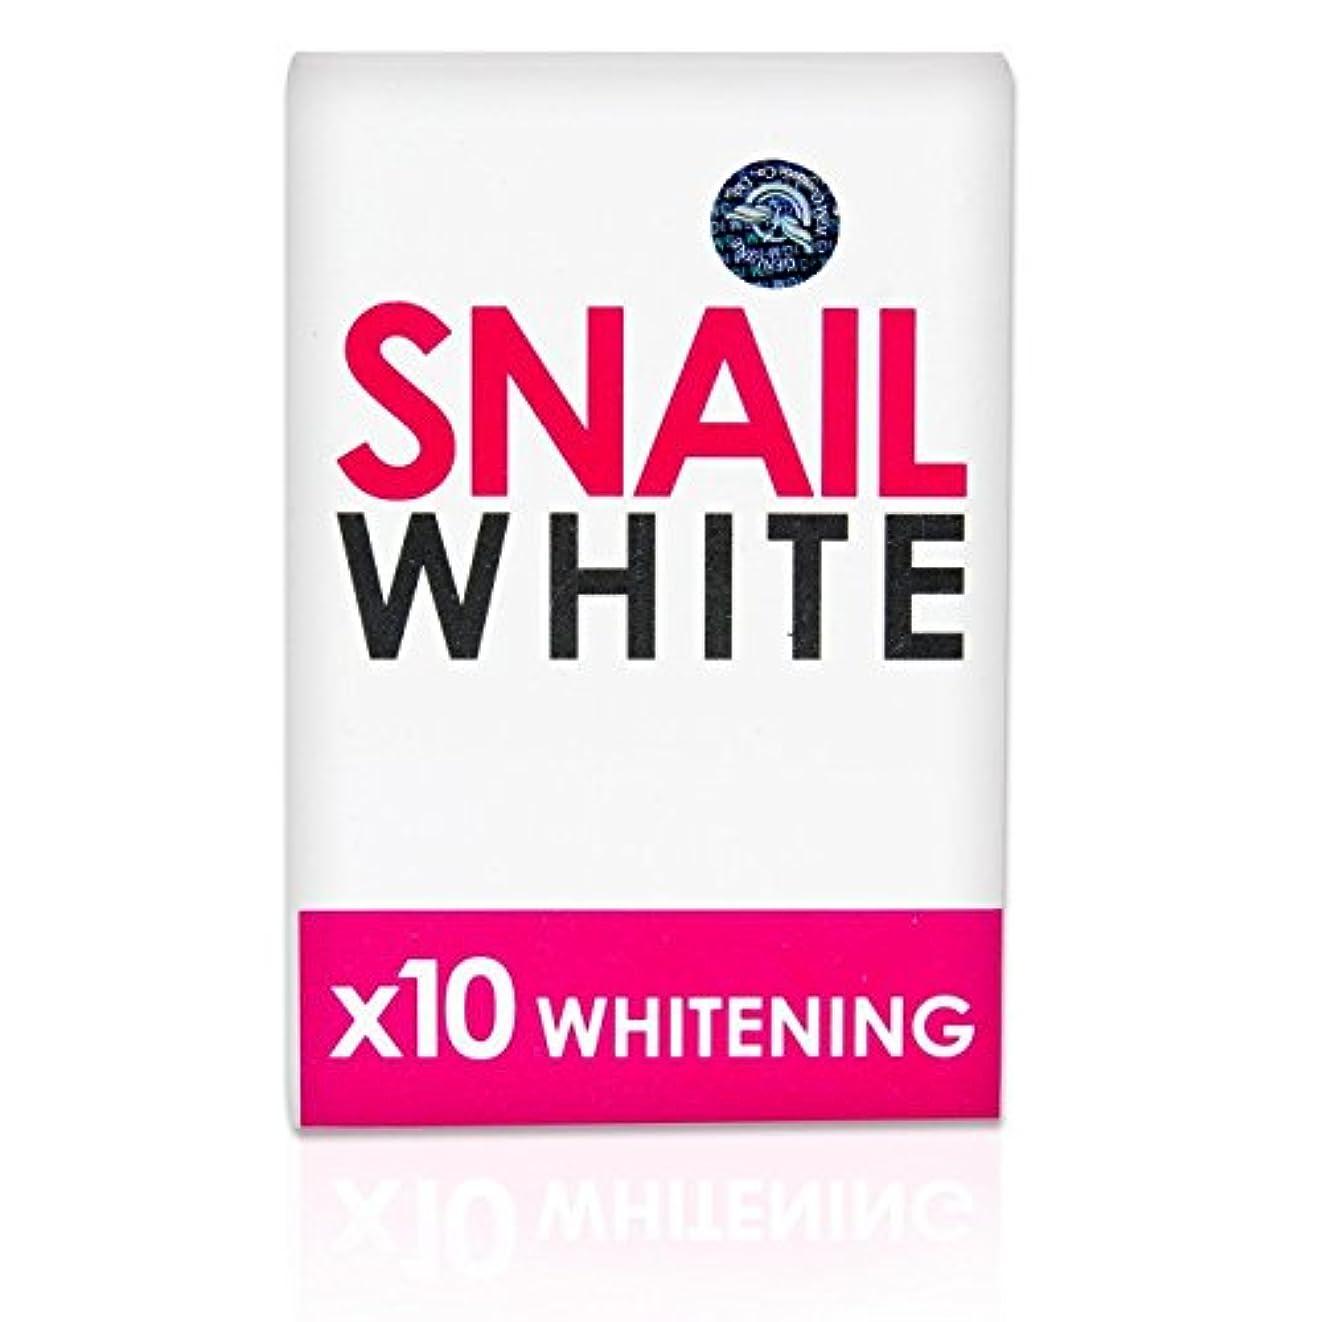 素晴らしきモジュール買い物に行くSnail White Soap 10x Whitening Power 70g.,dark Spots Damage Skin Face & Body.(Good Services) by Snail